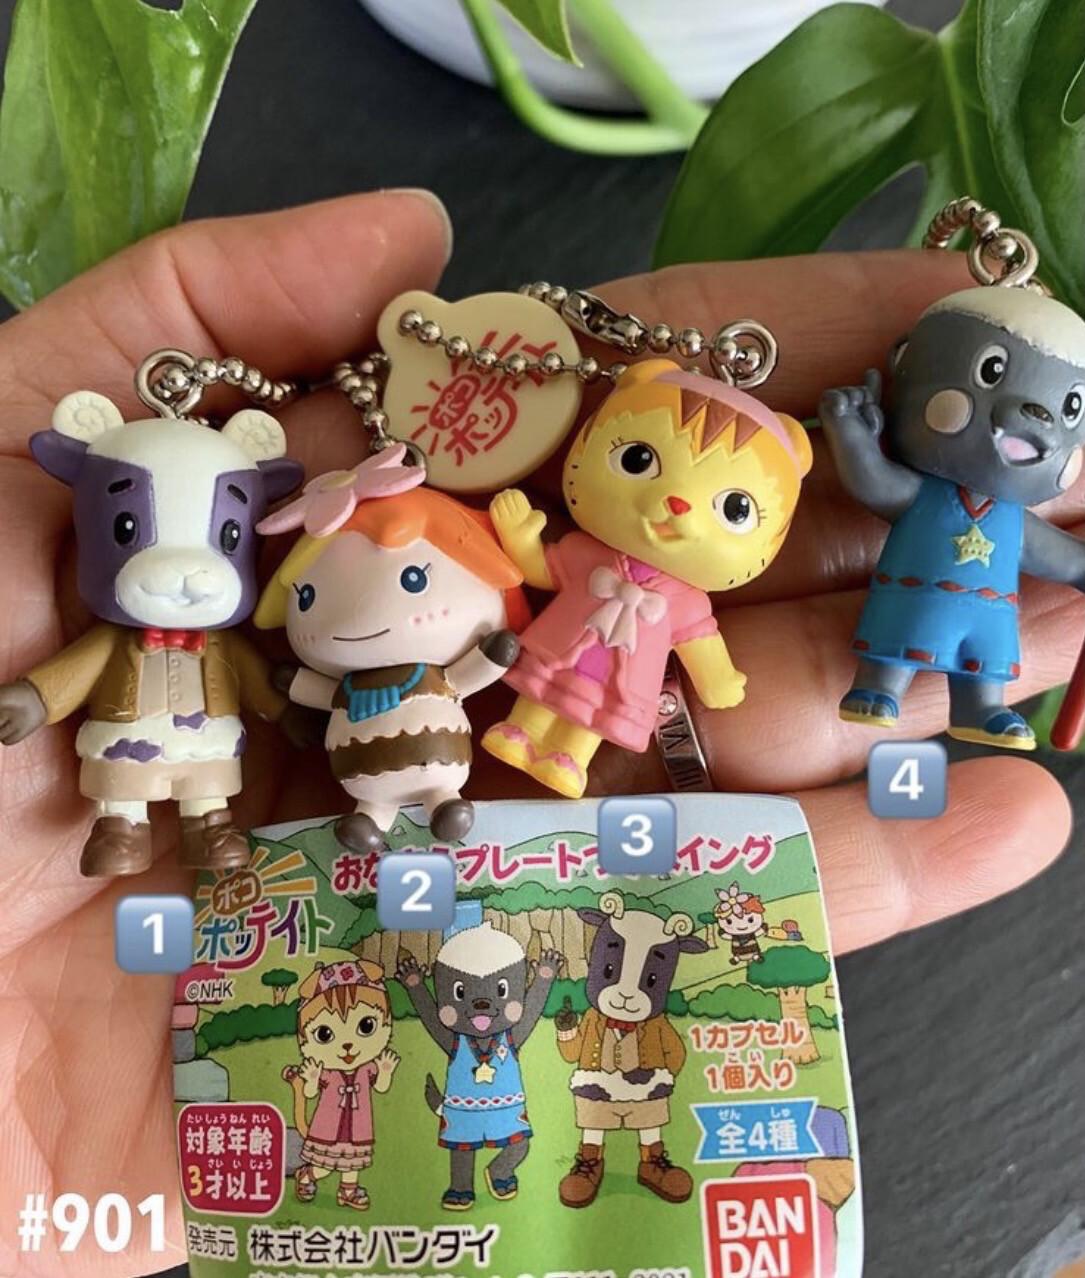 Bandai NHK TV Mascot Keychain